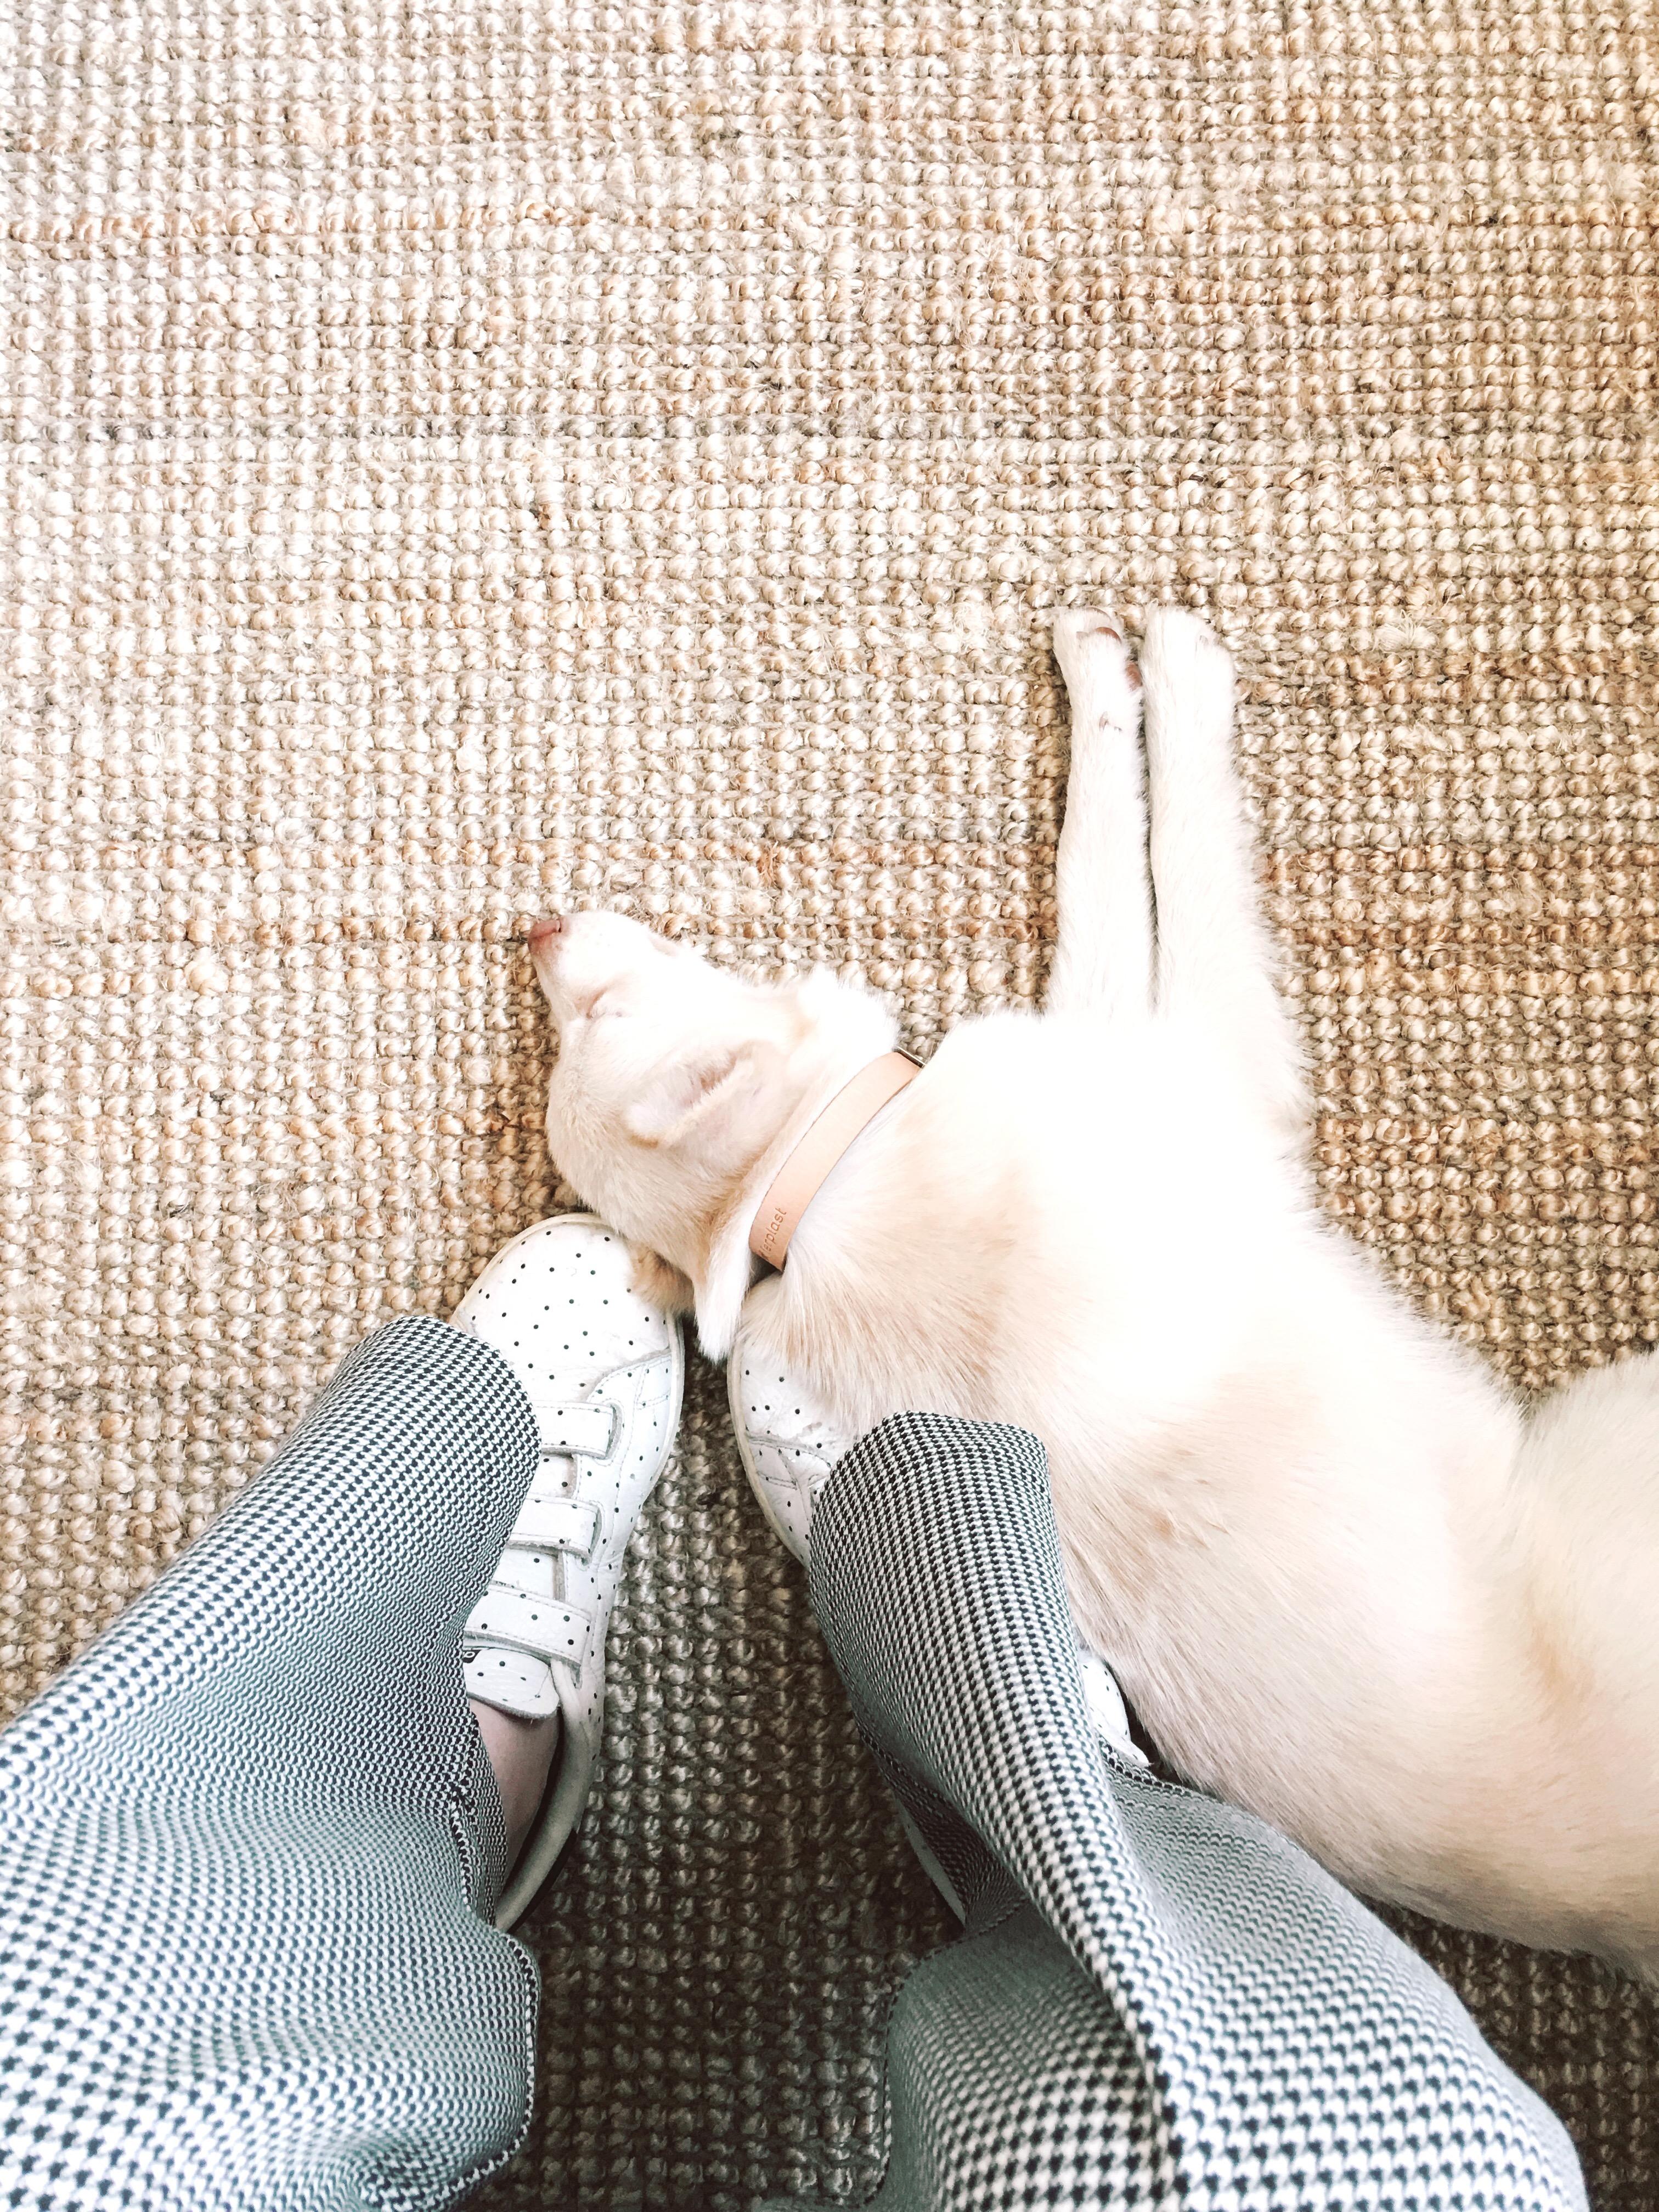 Diary | We hebben een nieuw hondje!